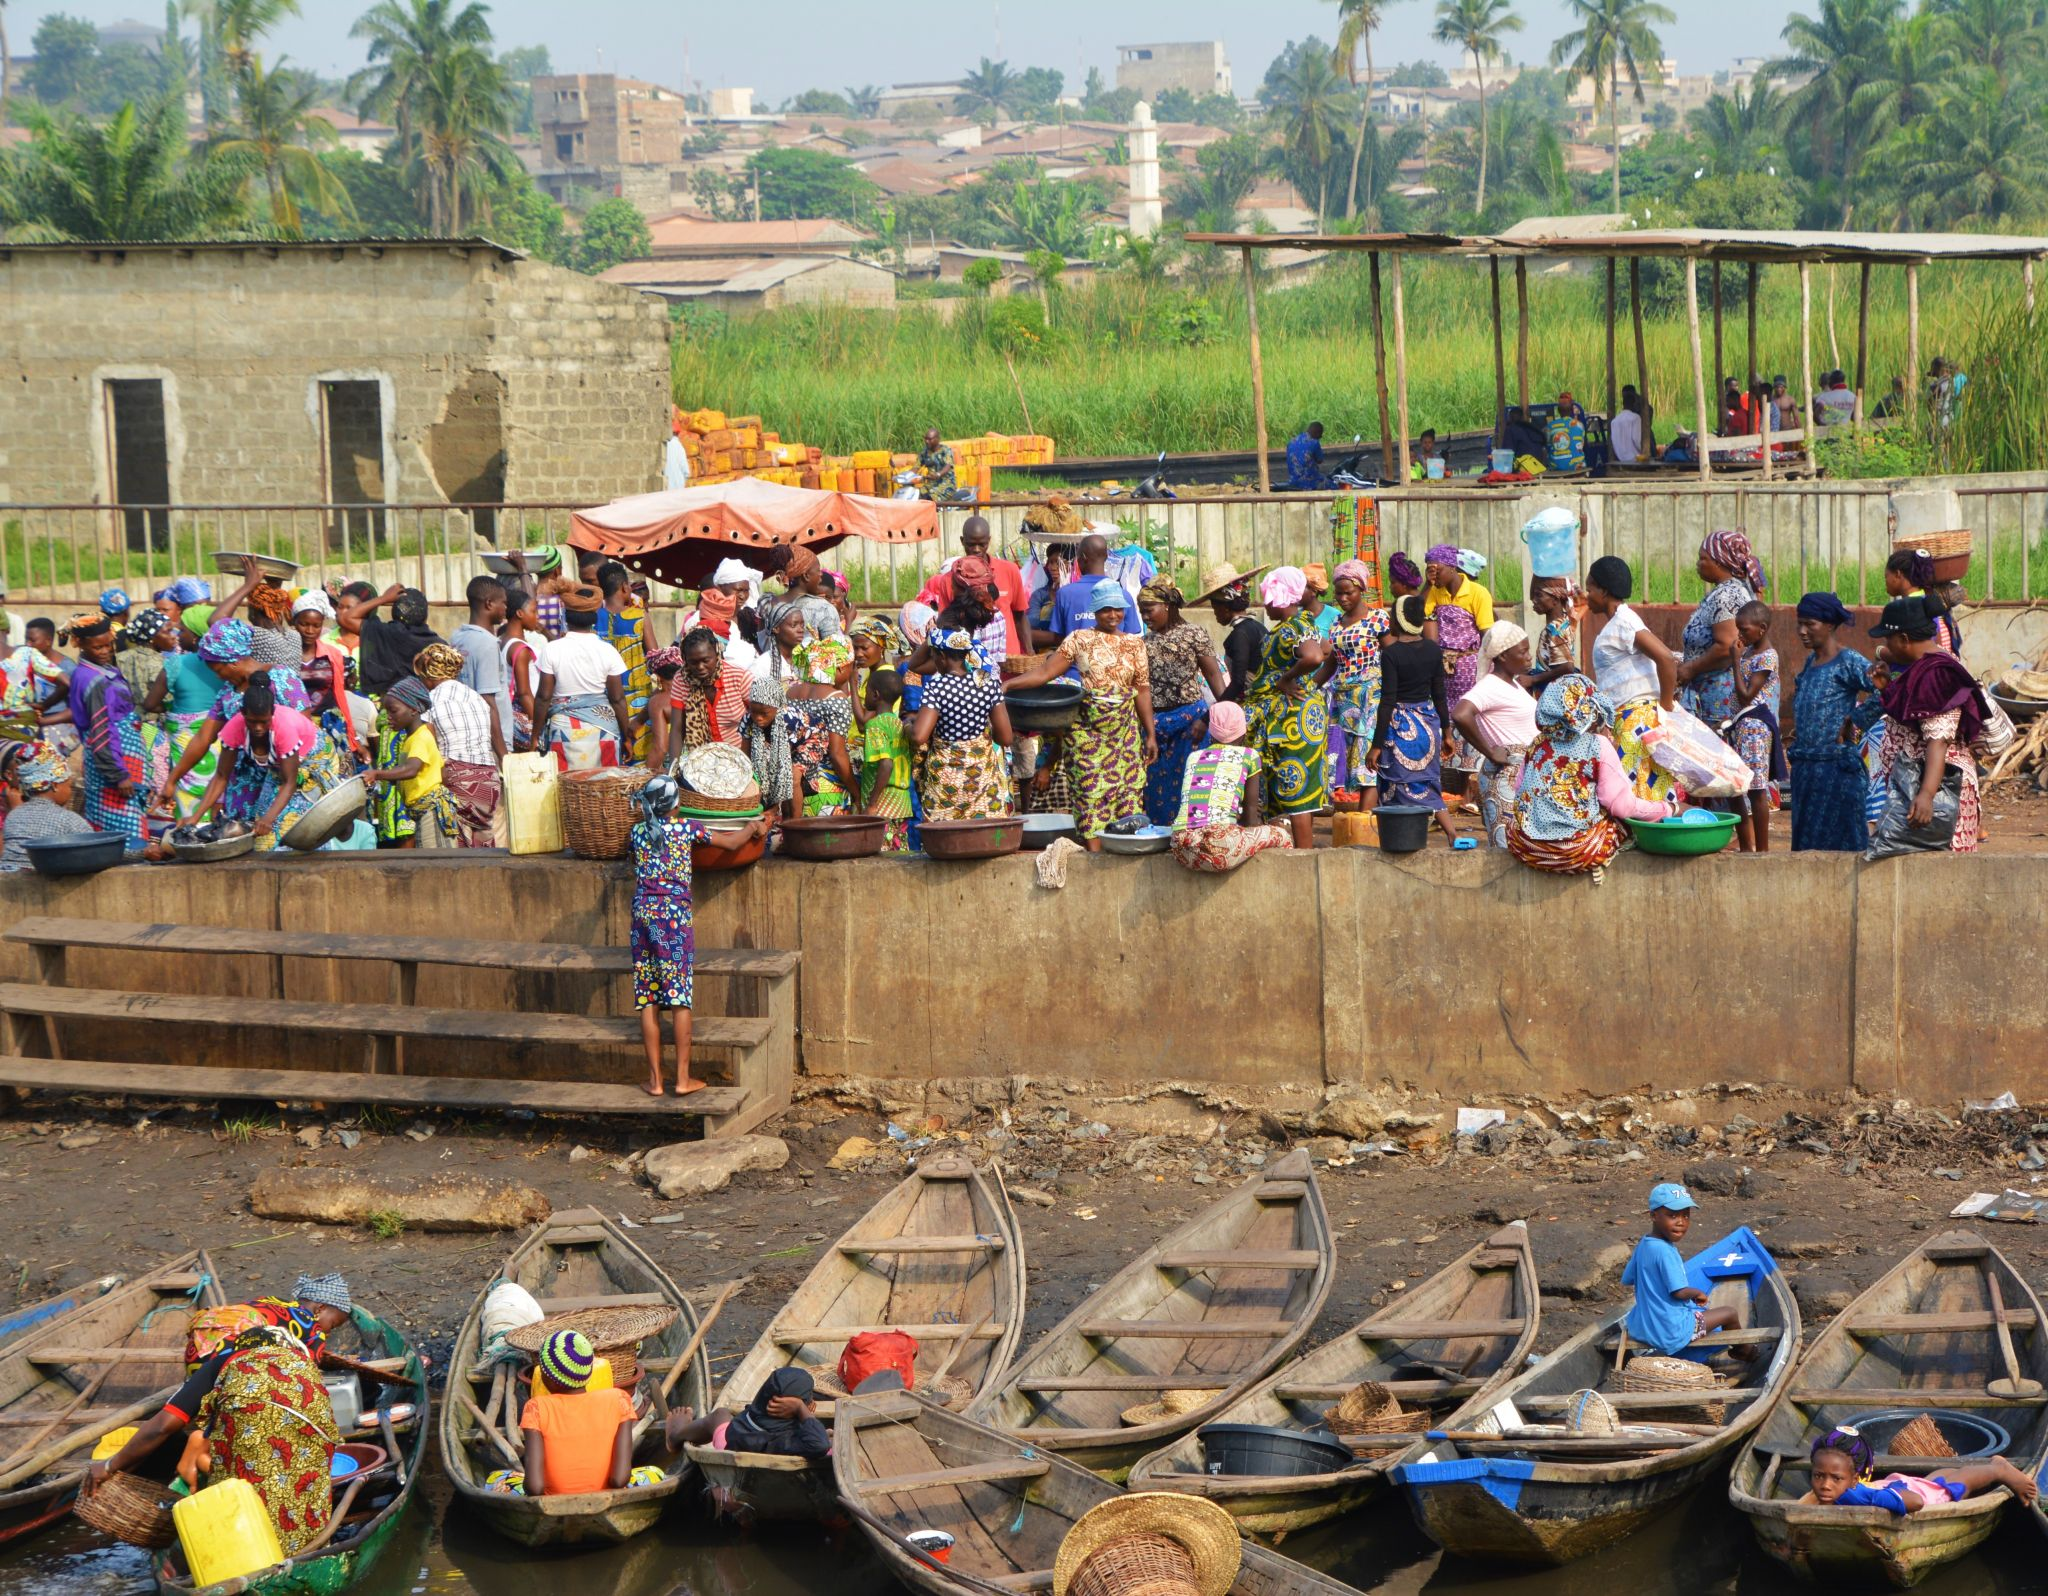 Port for Ganvie, Lake Nokoue, Benin